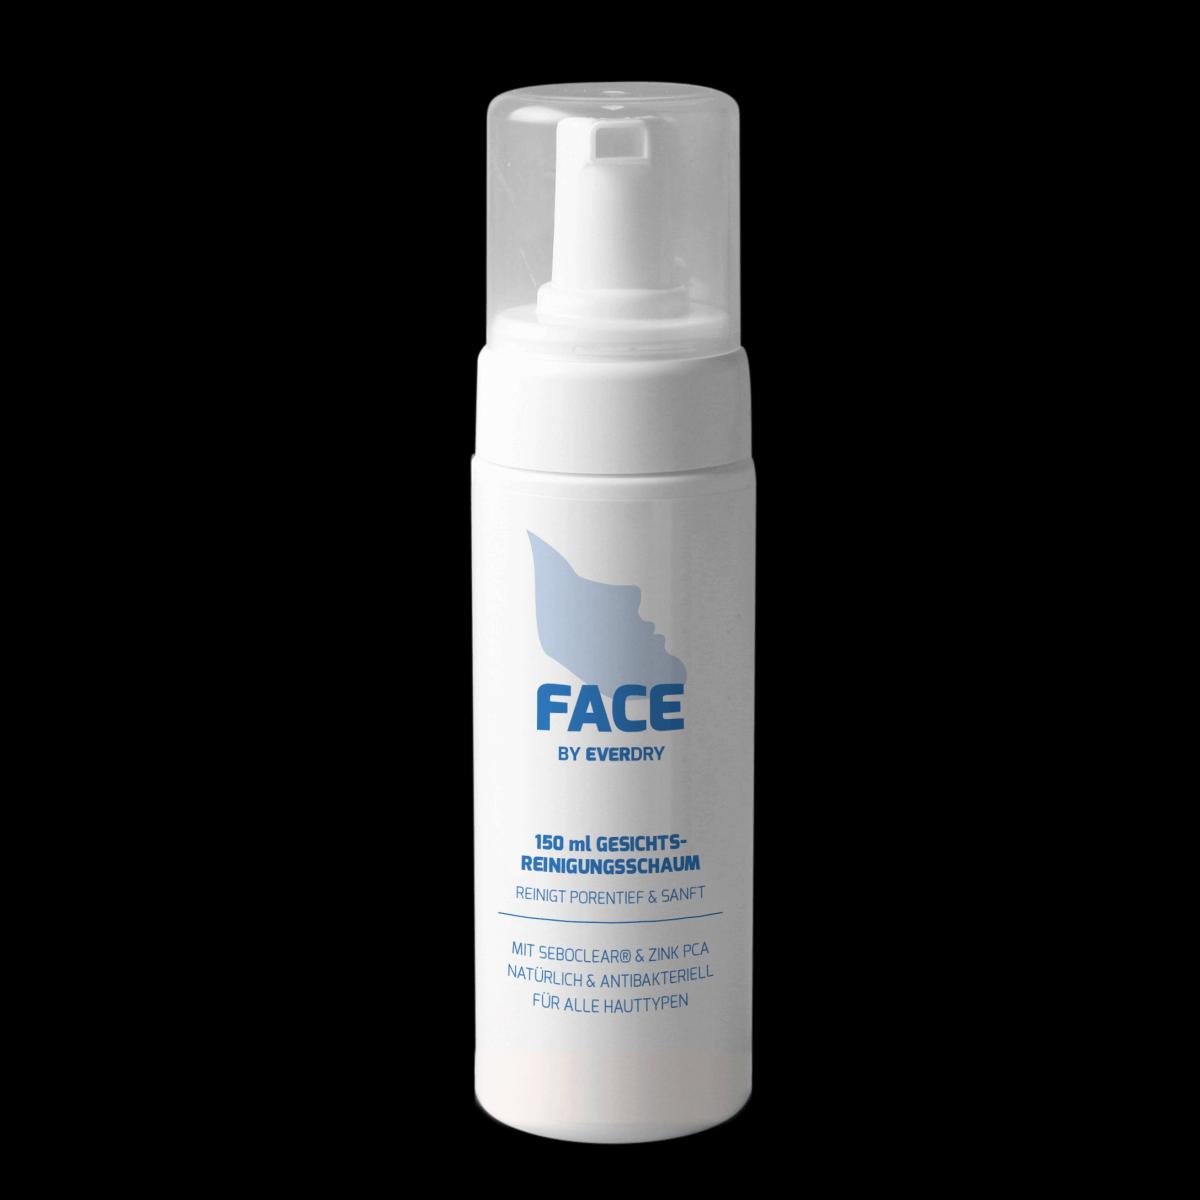 EVERDRY Antibakterieller Gesichtsreinigungsschaum 150ml